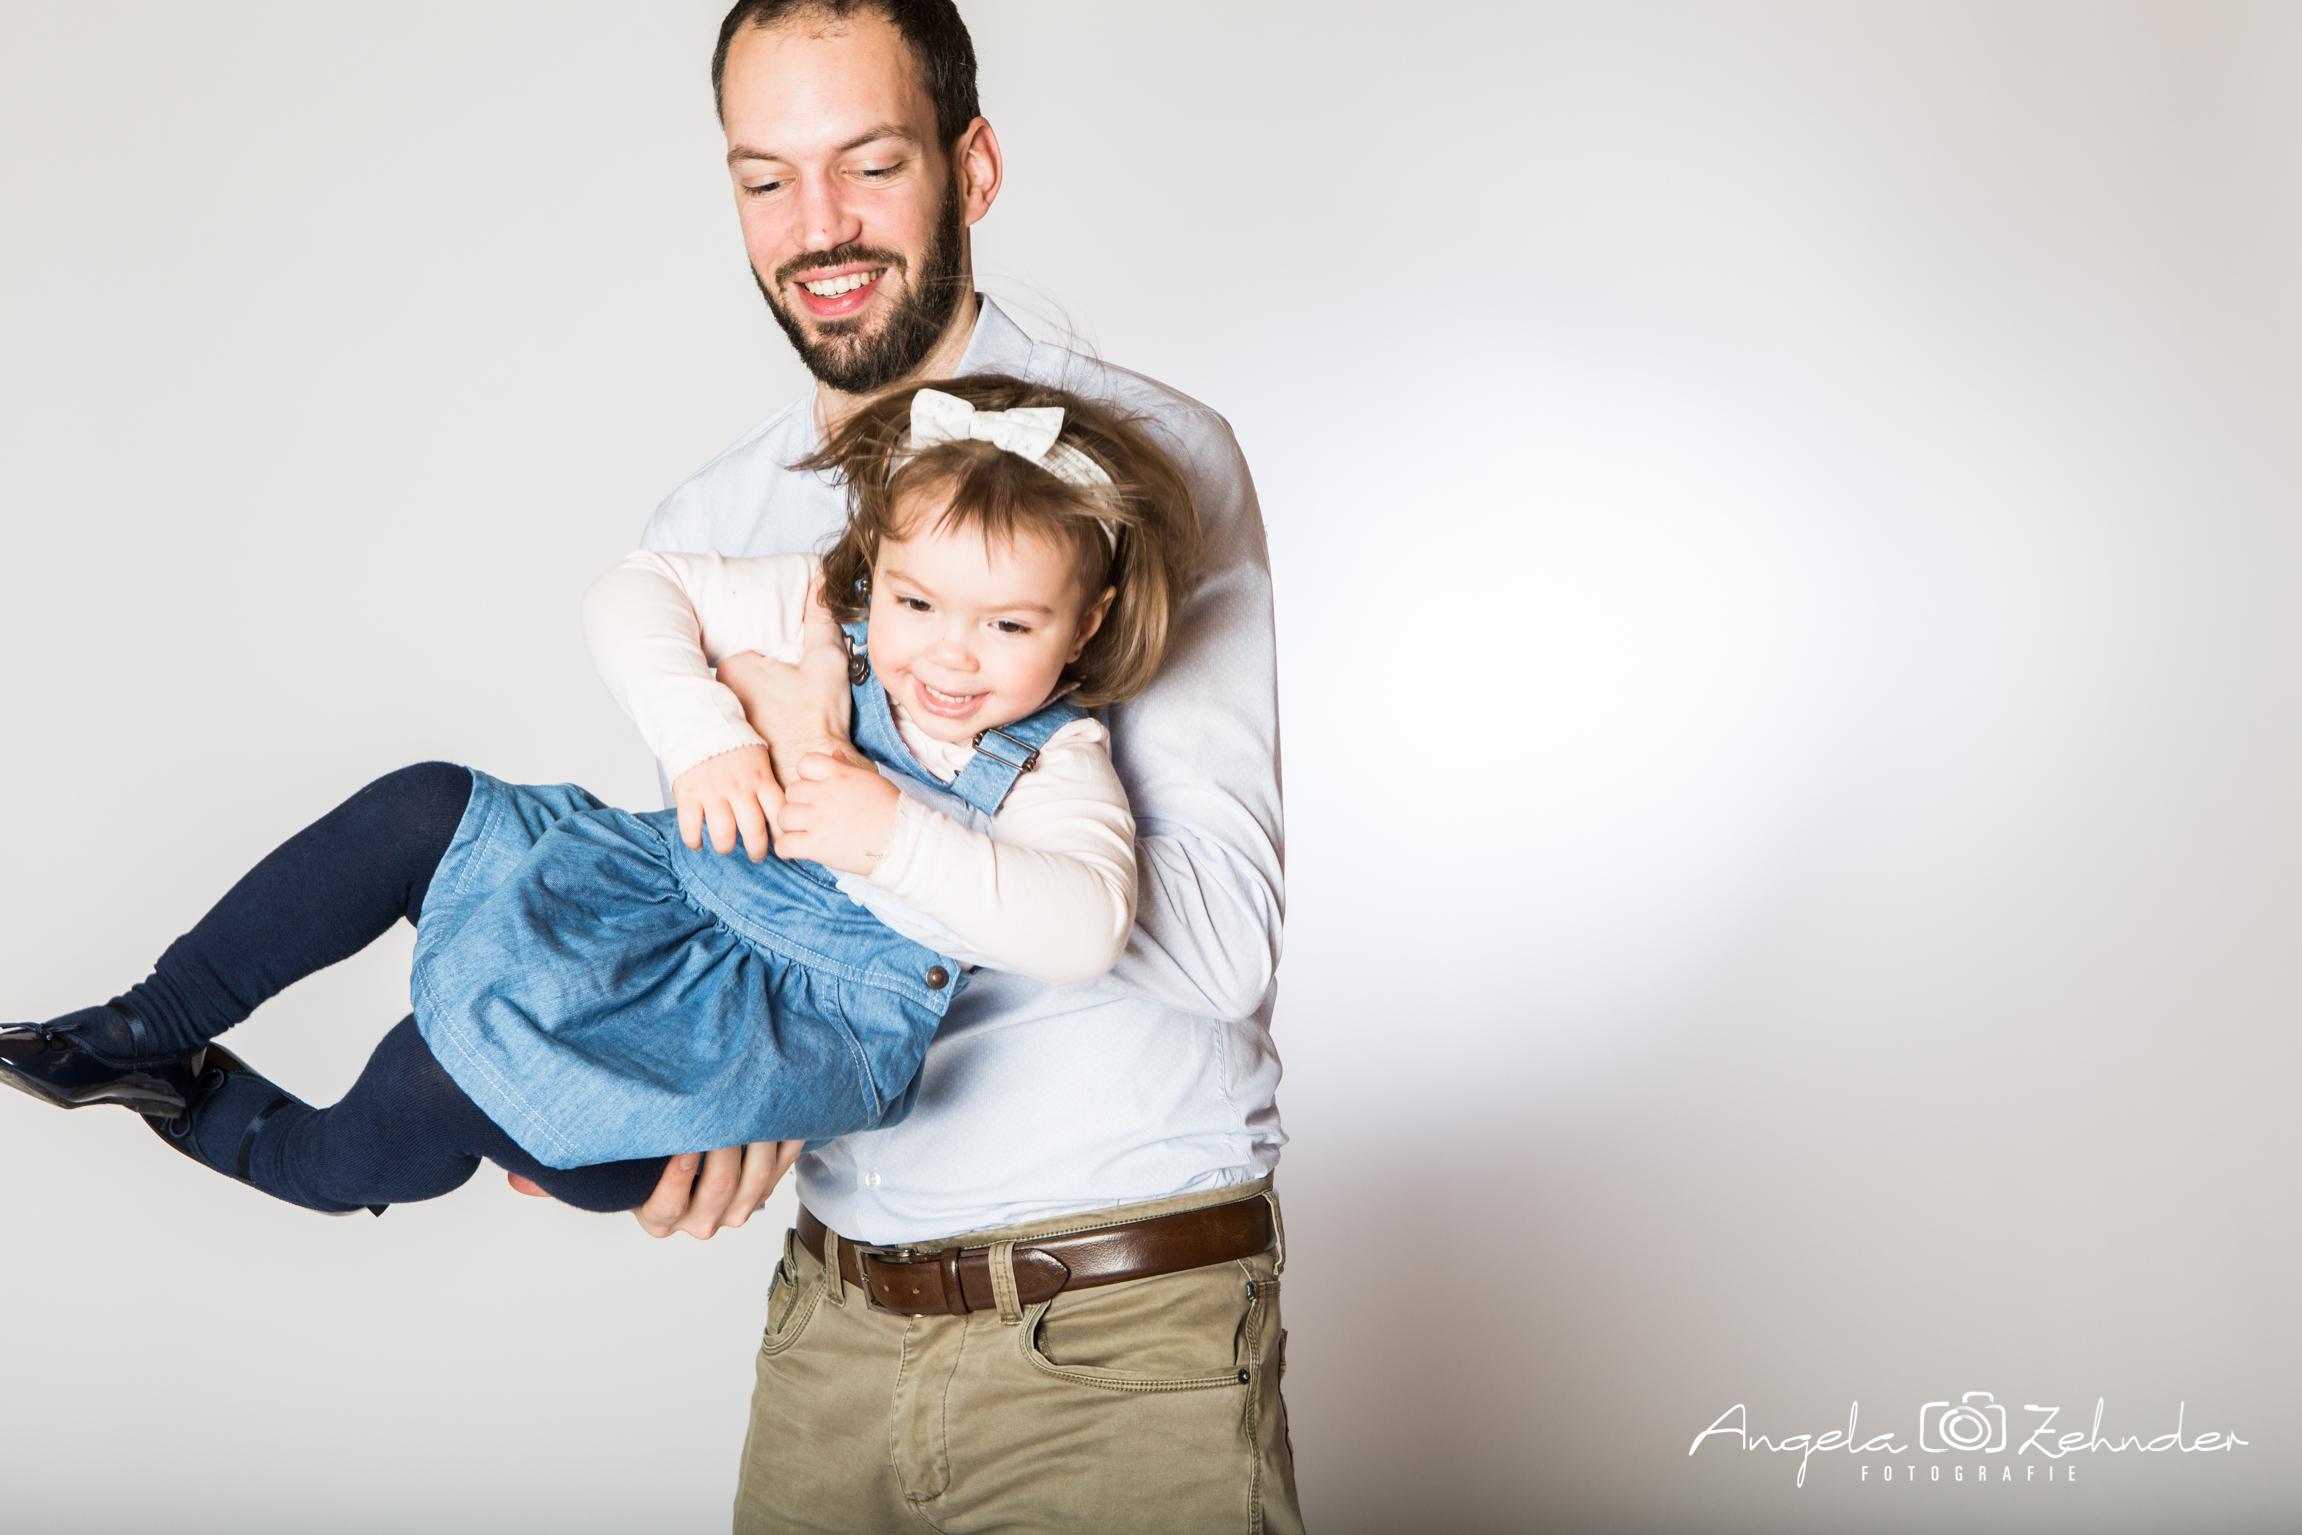 angel-zehnder-fotografie-family-35